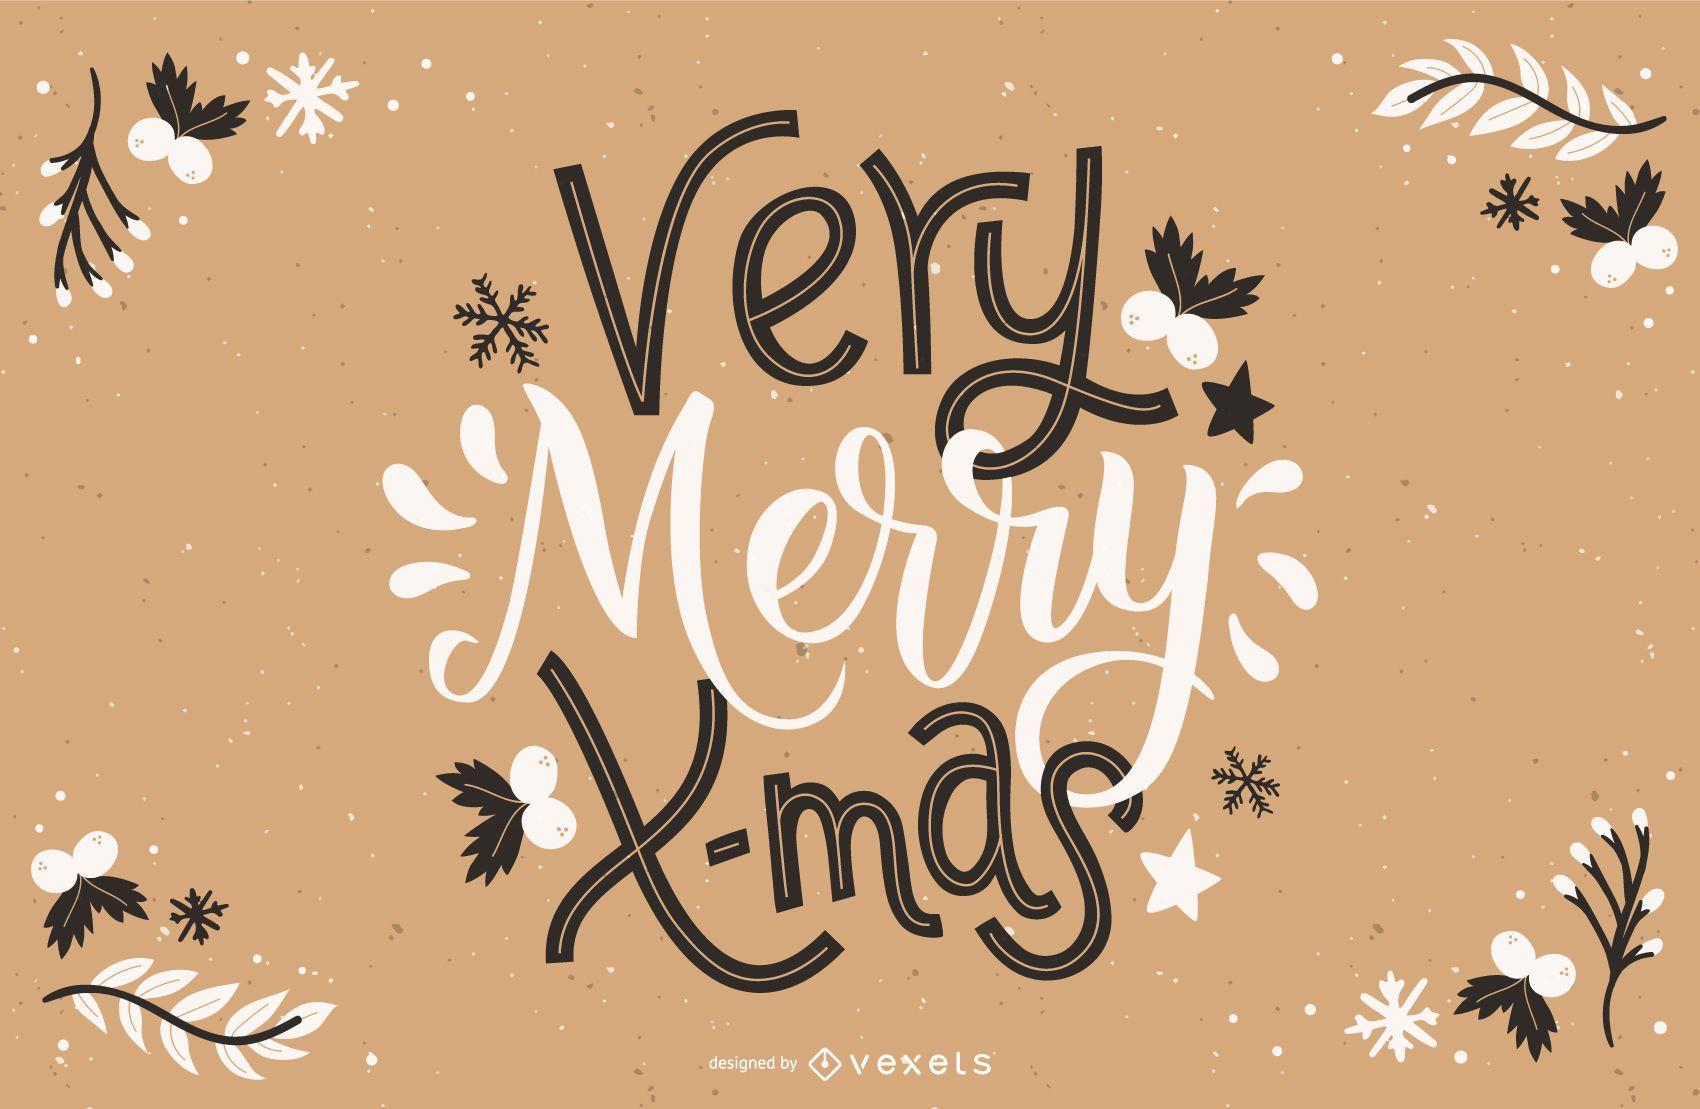 Letras de Navidad muy feliz